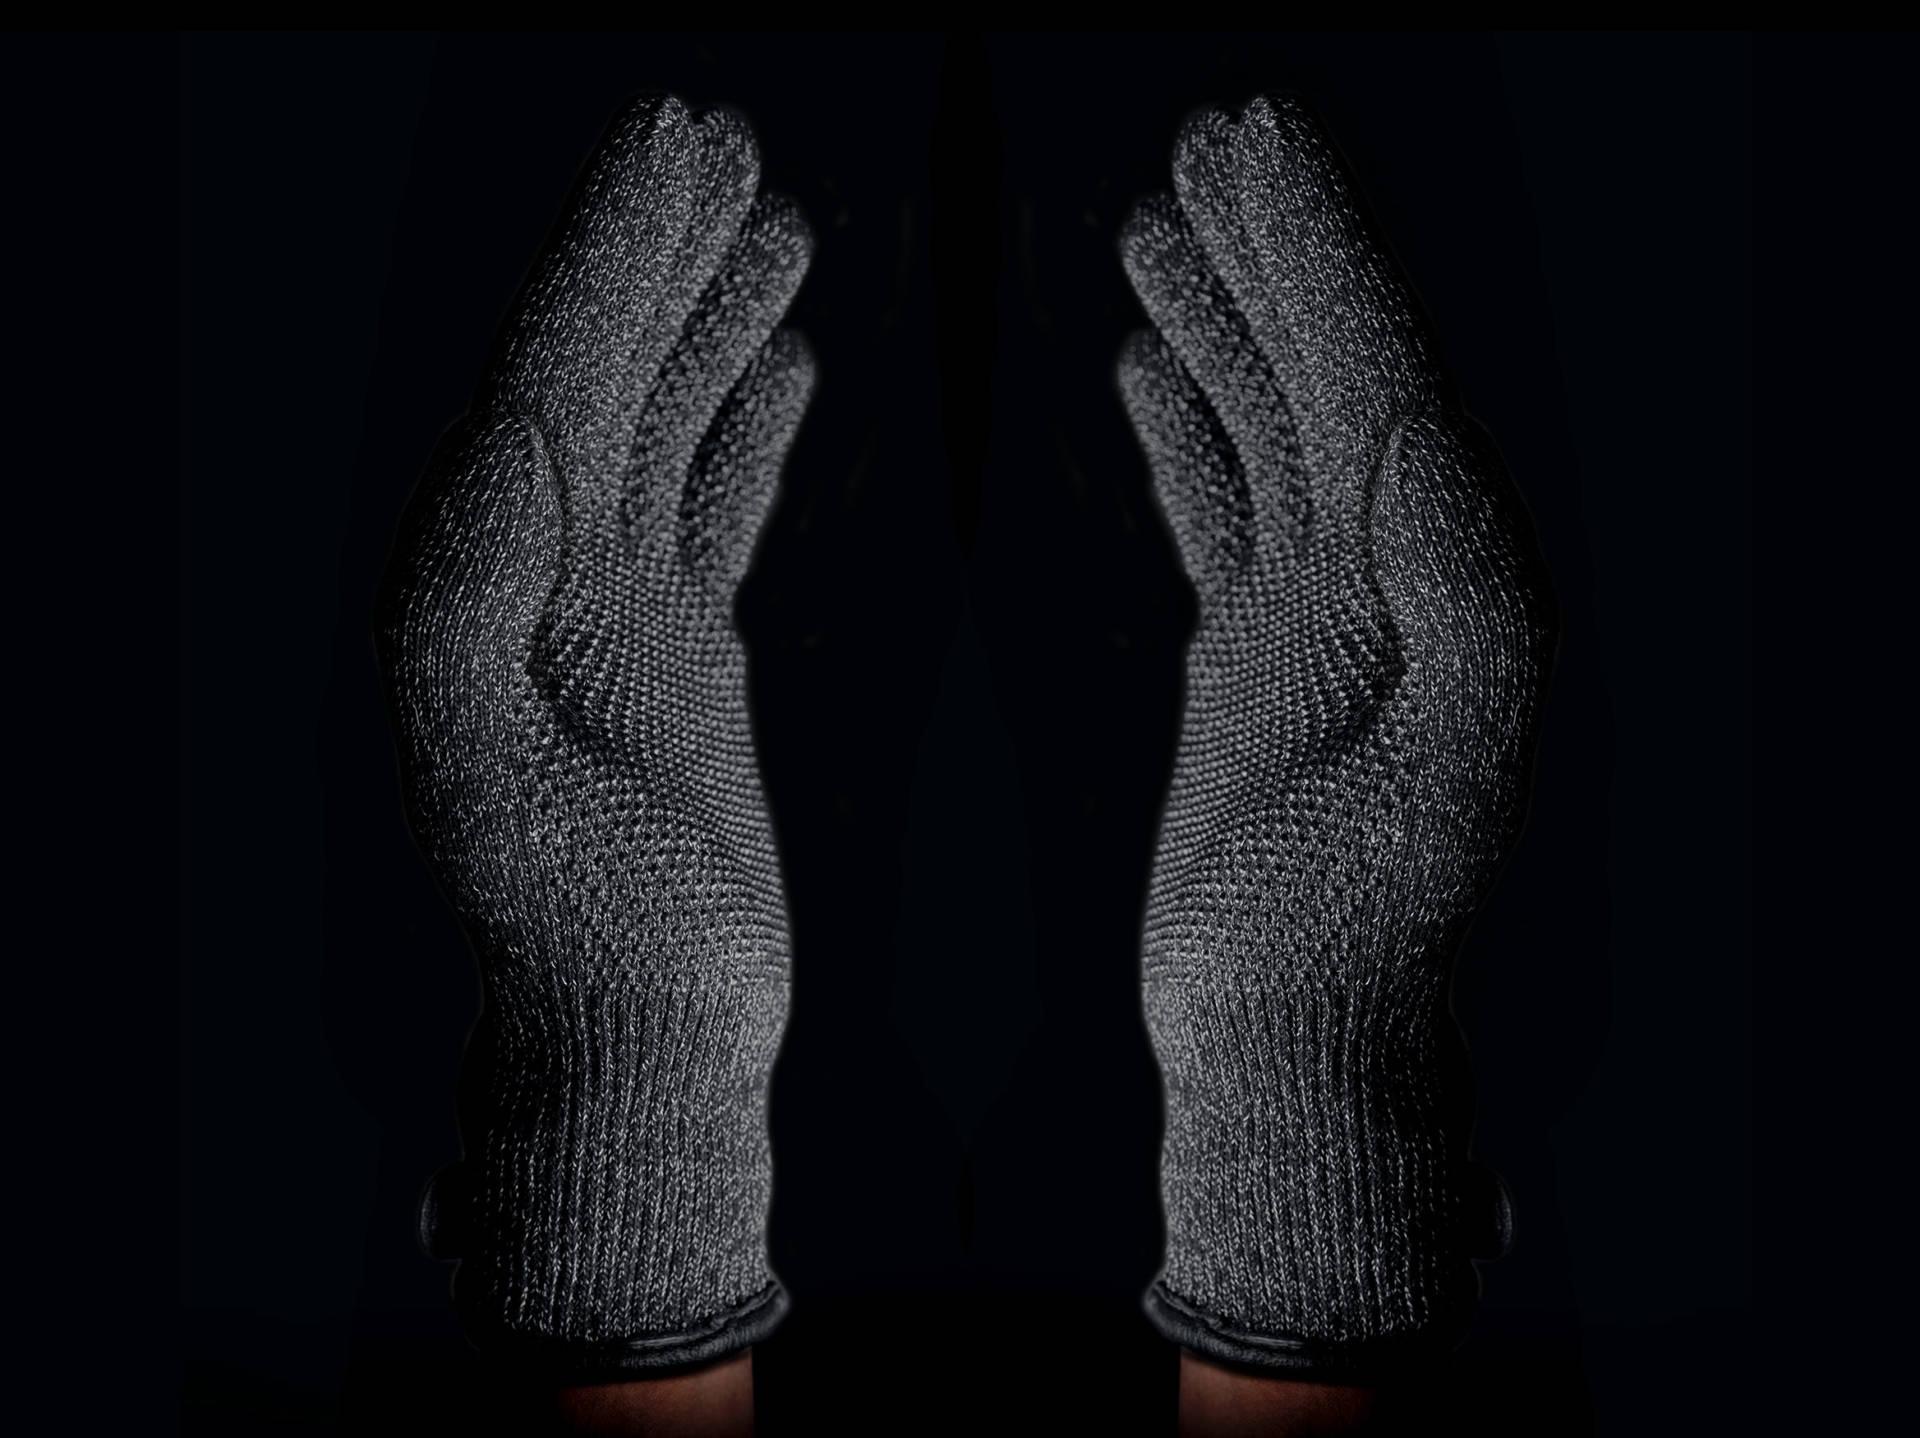 www.italiamac.it guida di natale i 10 prodotti tech sotto i e50 per un regalo perfetto double layered touchscreen gloves 005 Guida Natale: 10 prodotti super tech, ma economici, per fare bella figura